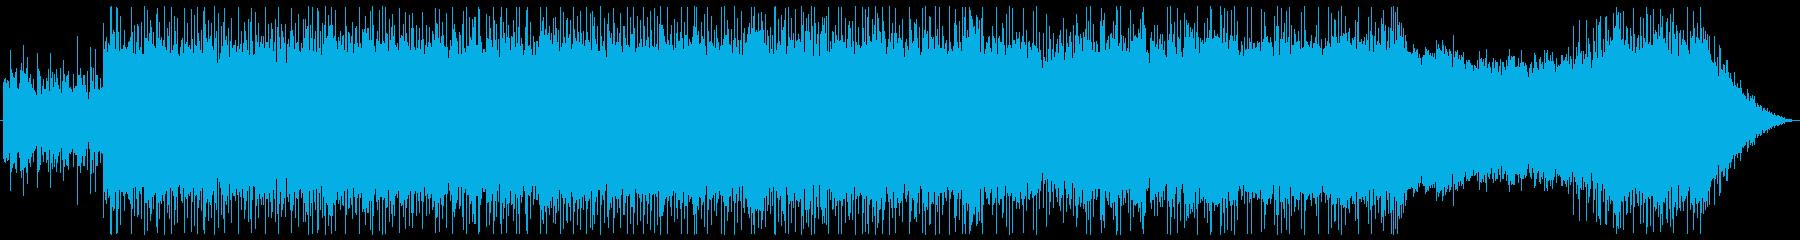 重心の低い、シリアスでハードな曲の再生済みの波形